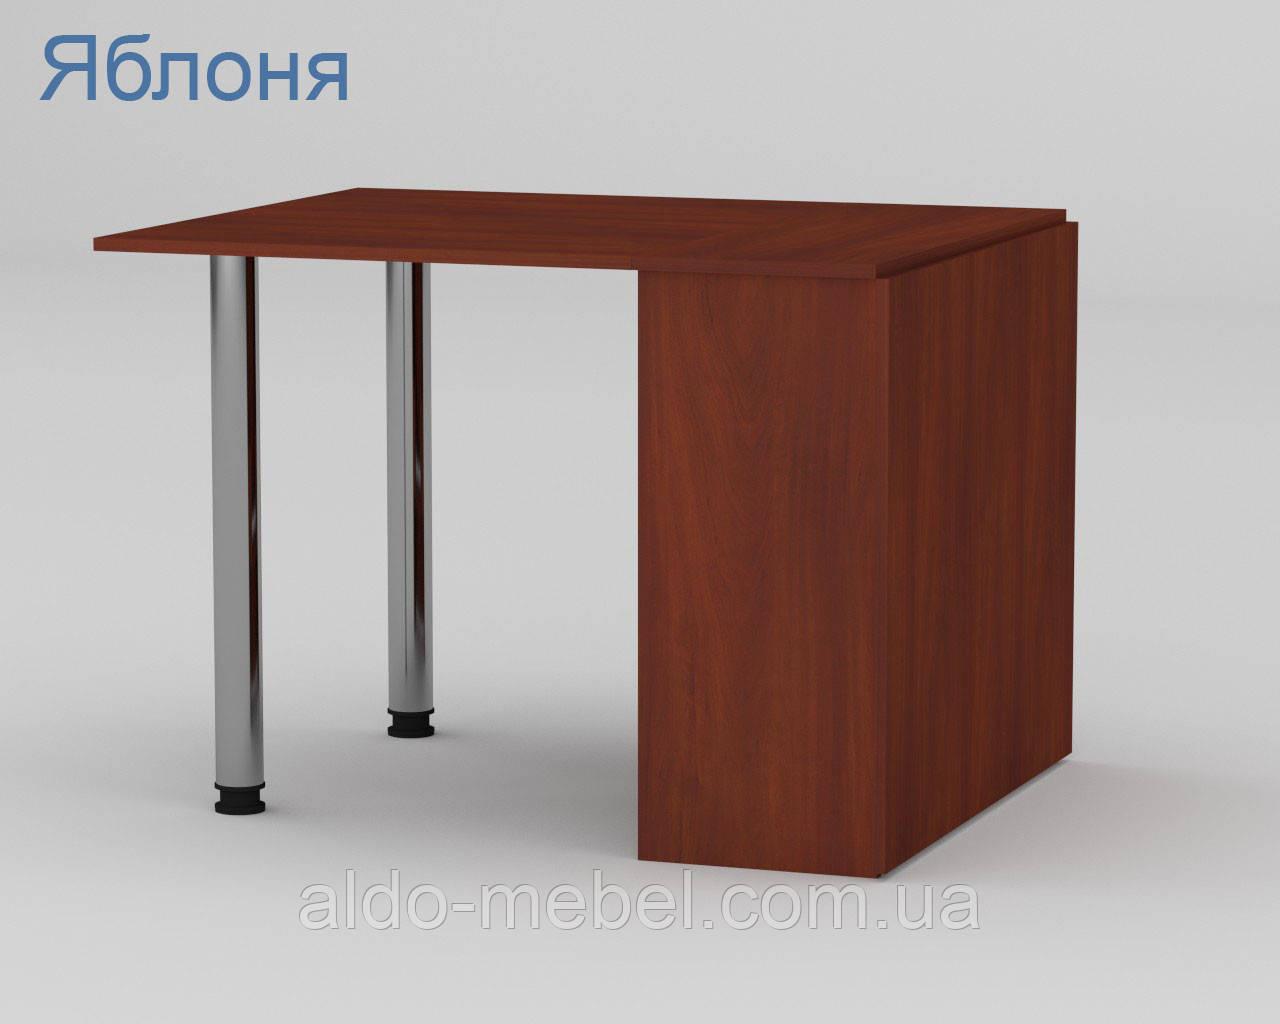 Стол книжка - 2 Габариты Ш - 810 мм; В - 726 мм; Г - 332 мм (Общая Ш - 1700 мм) (Компанит)